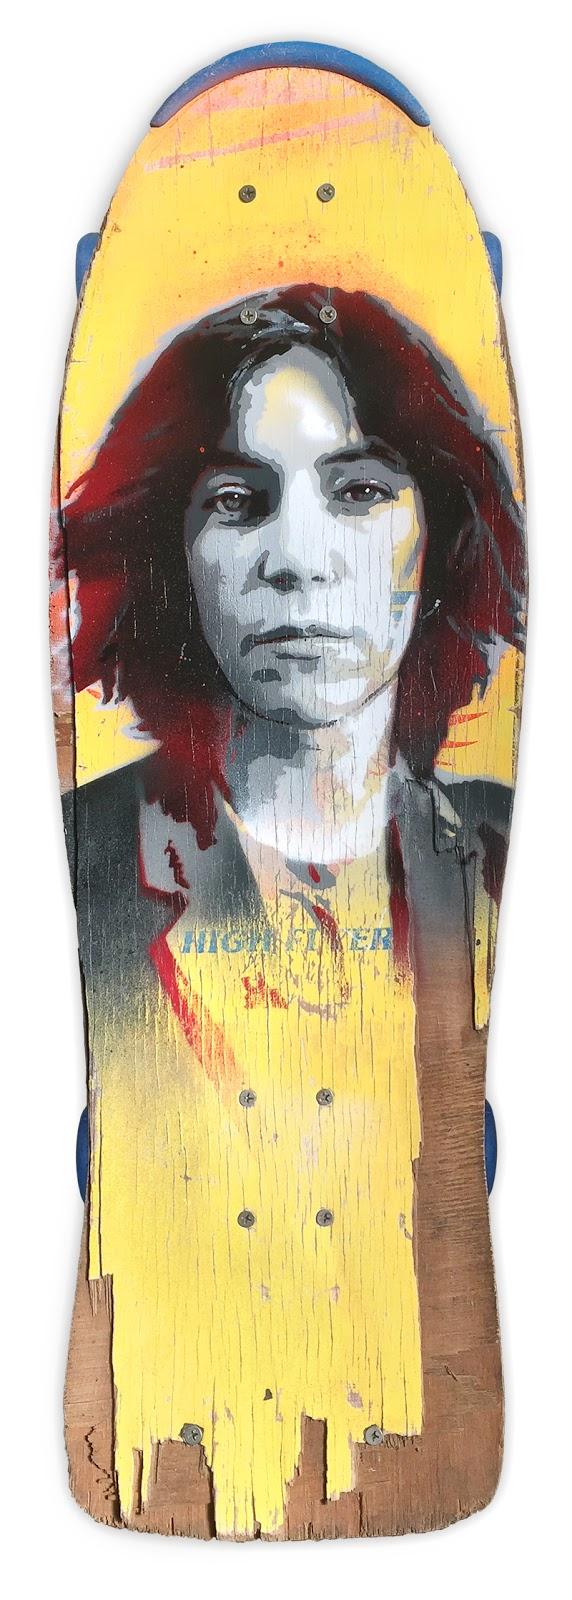 A skatedeck artwork of Patti Smith created by artist James Straffon